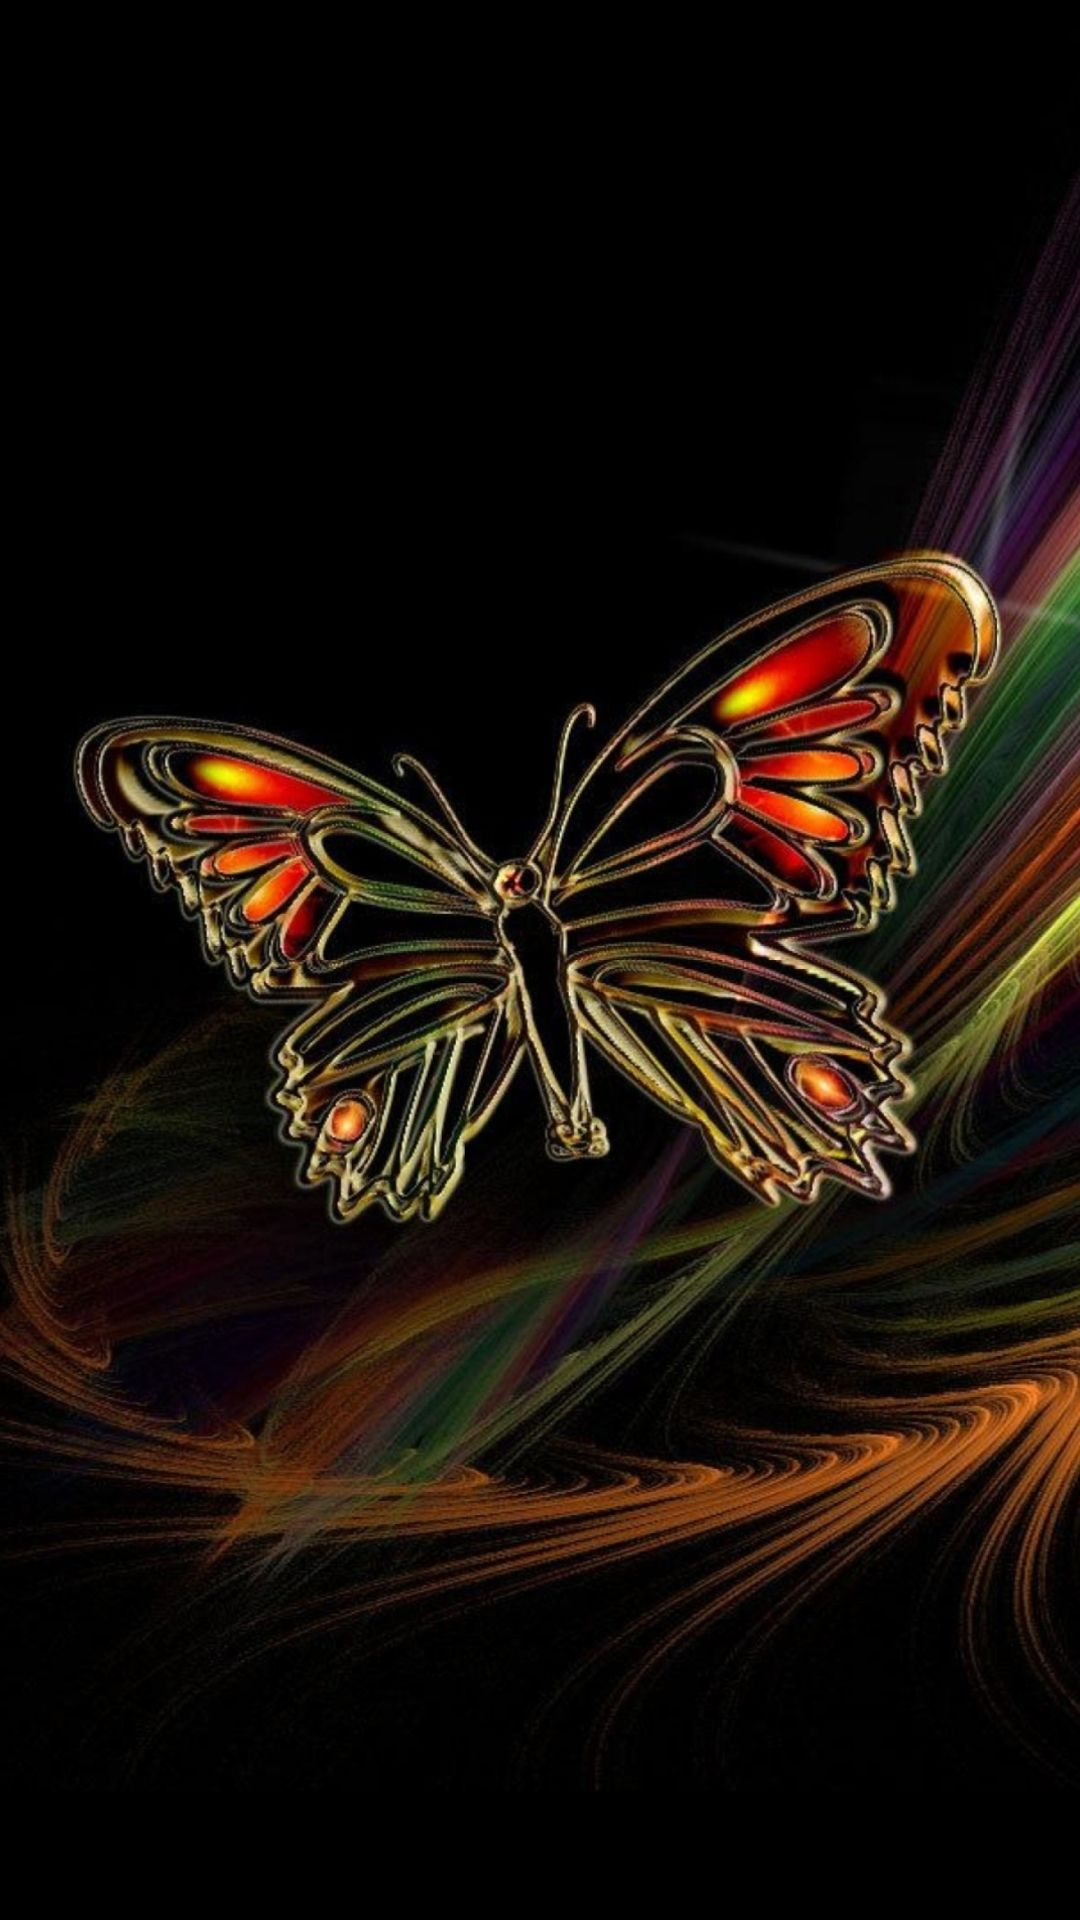 Butterfly Galaxy wallpaper hd